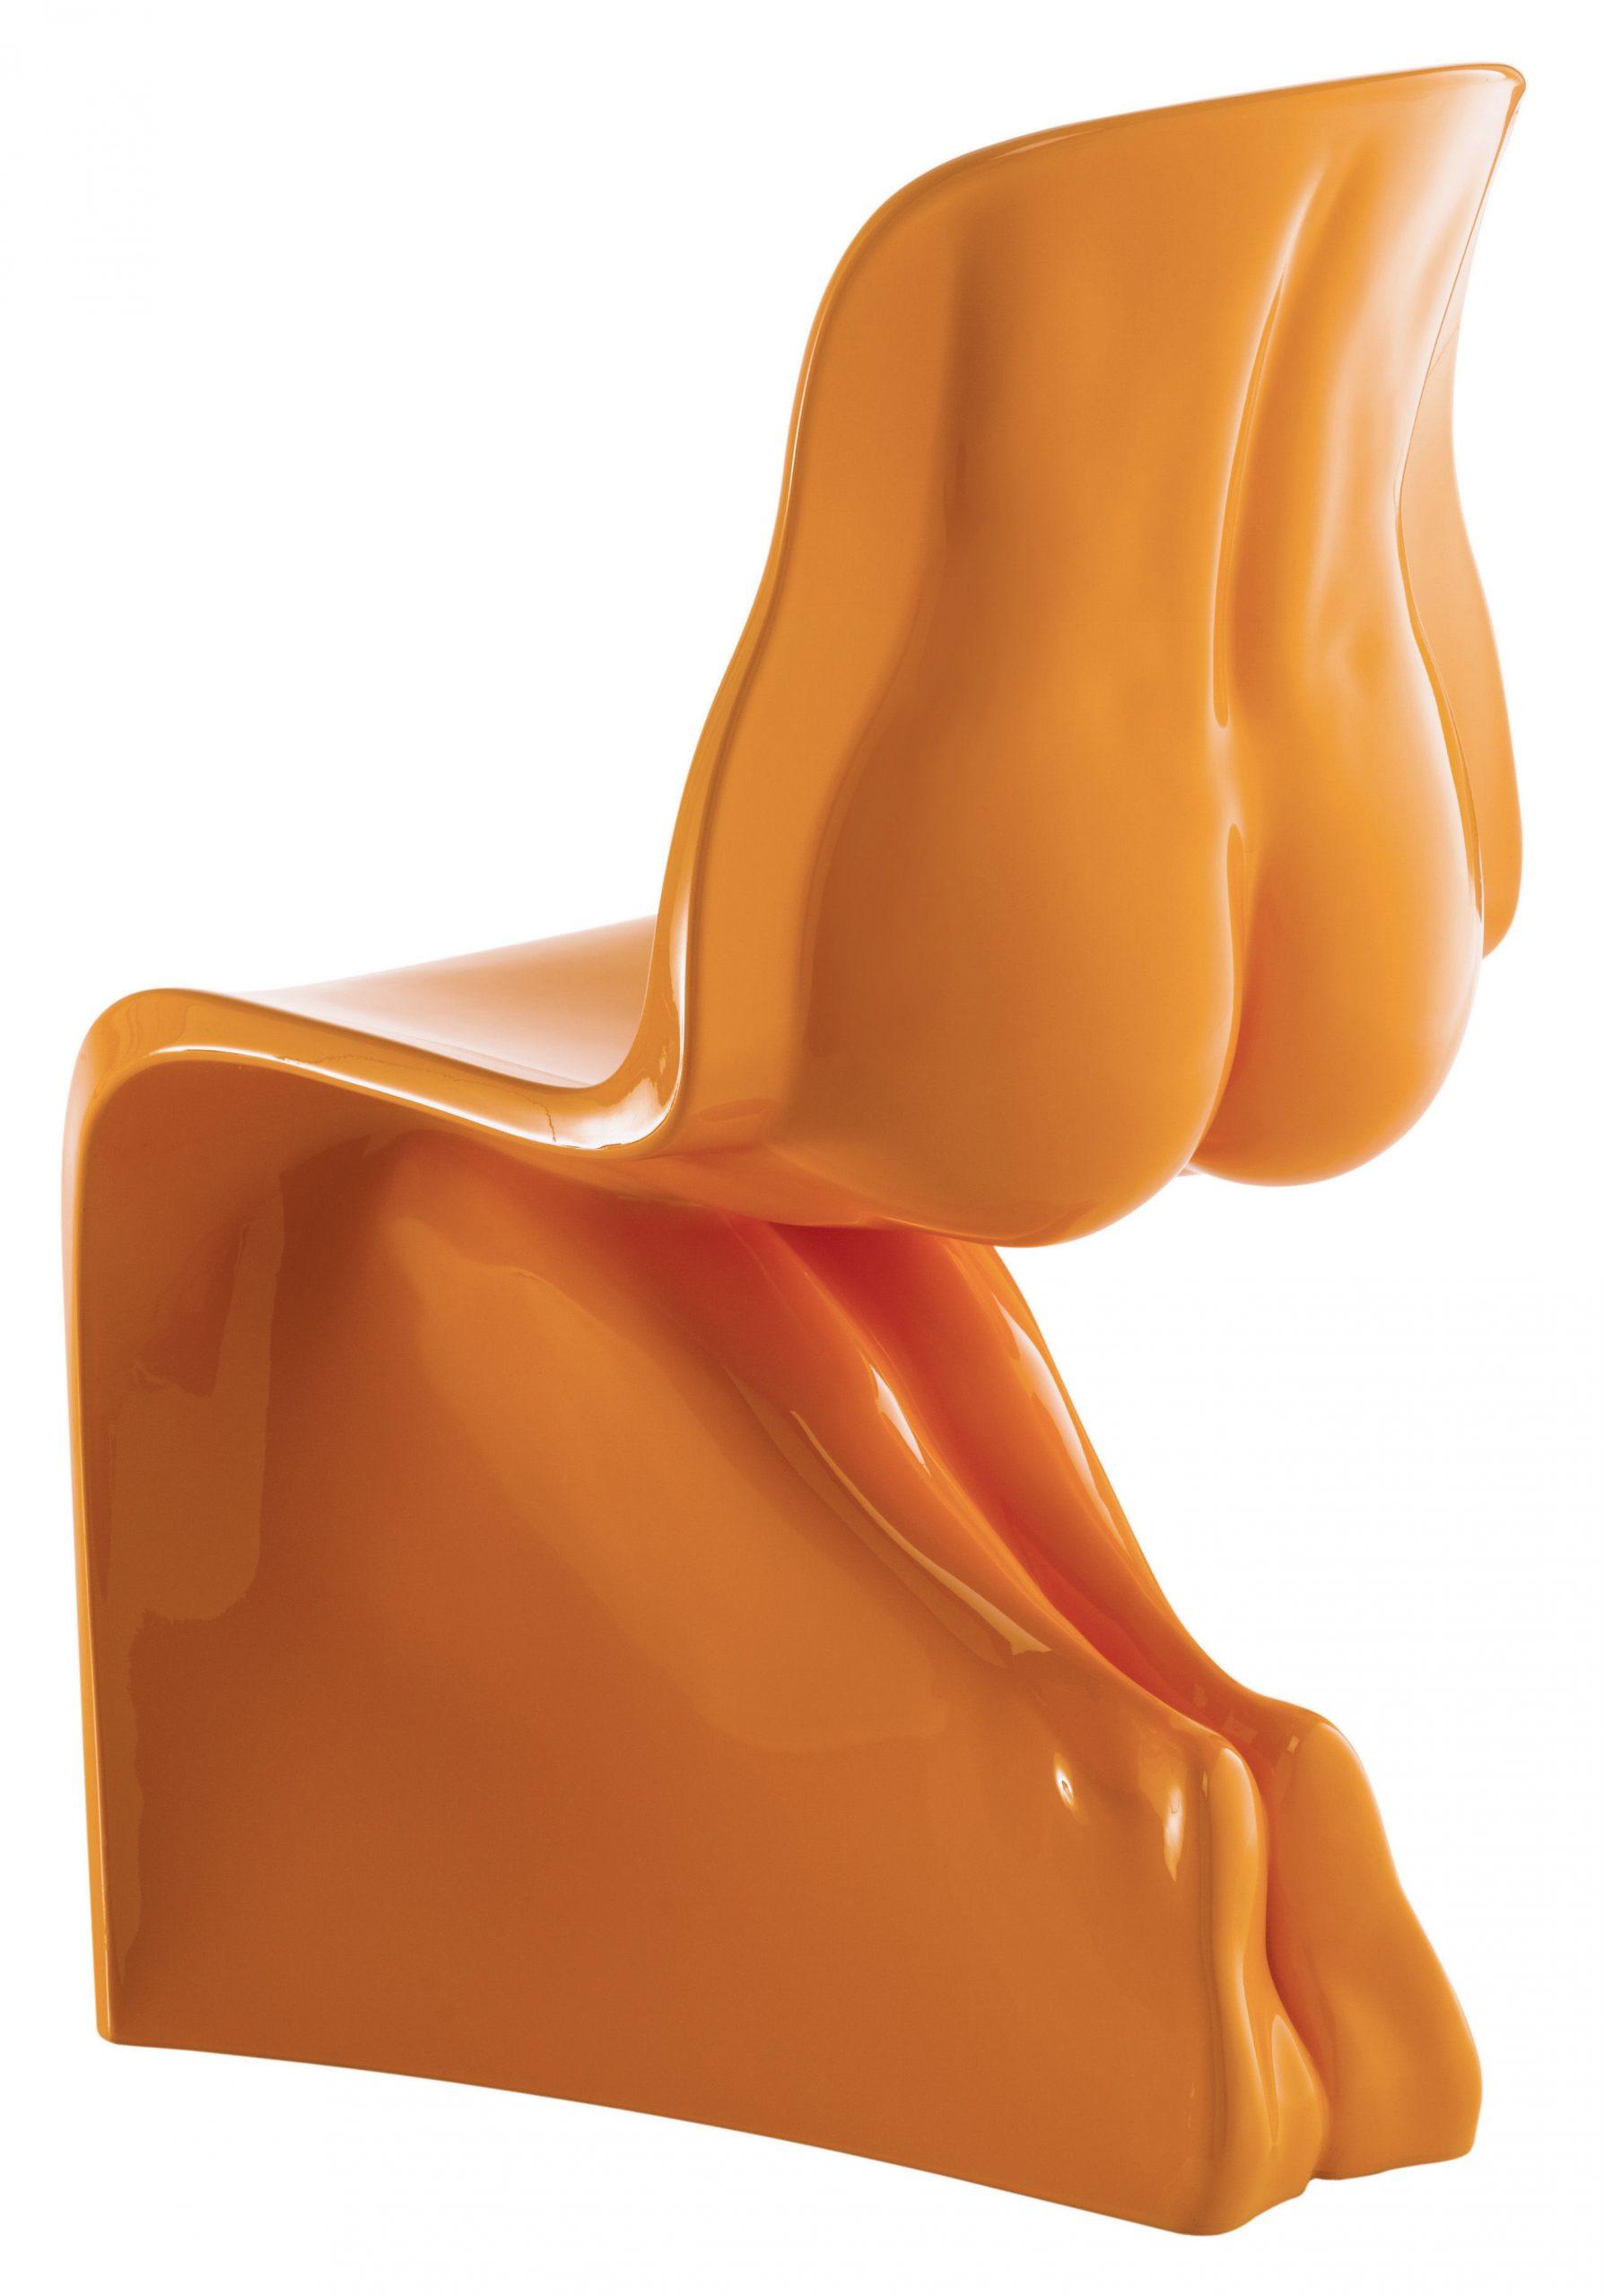 Chèz li - Casamania Orange Novanm vèrni vèsyon Fabio Novembre